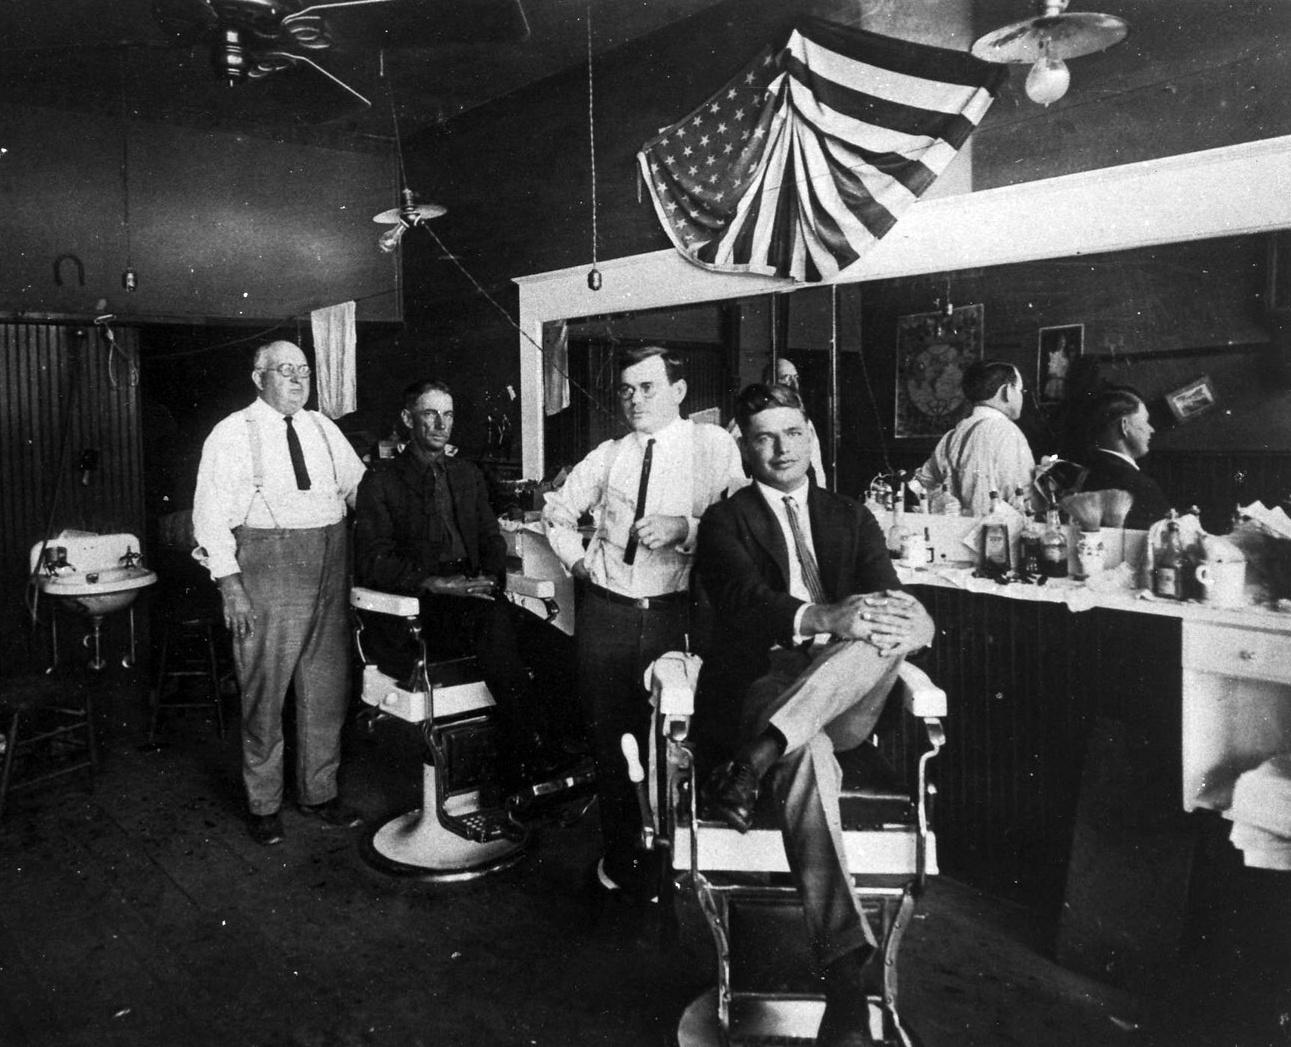 Teprve s příchodem 19. století začínají barbeři dbát o vzhled salonů. Nepodceňují také reklamu.